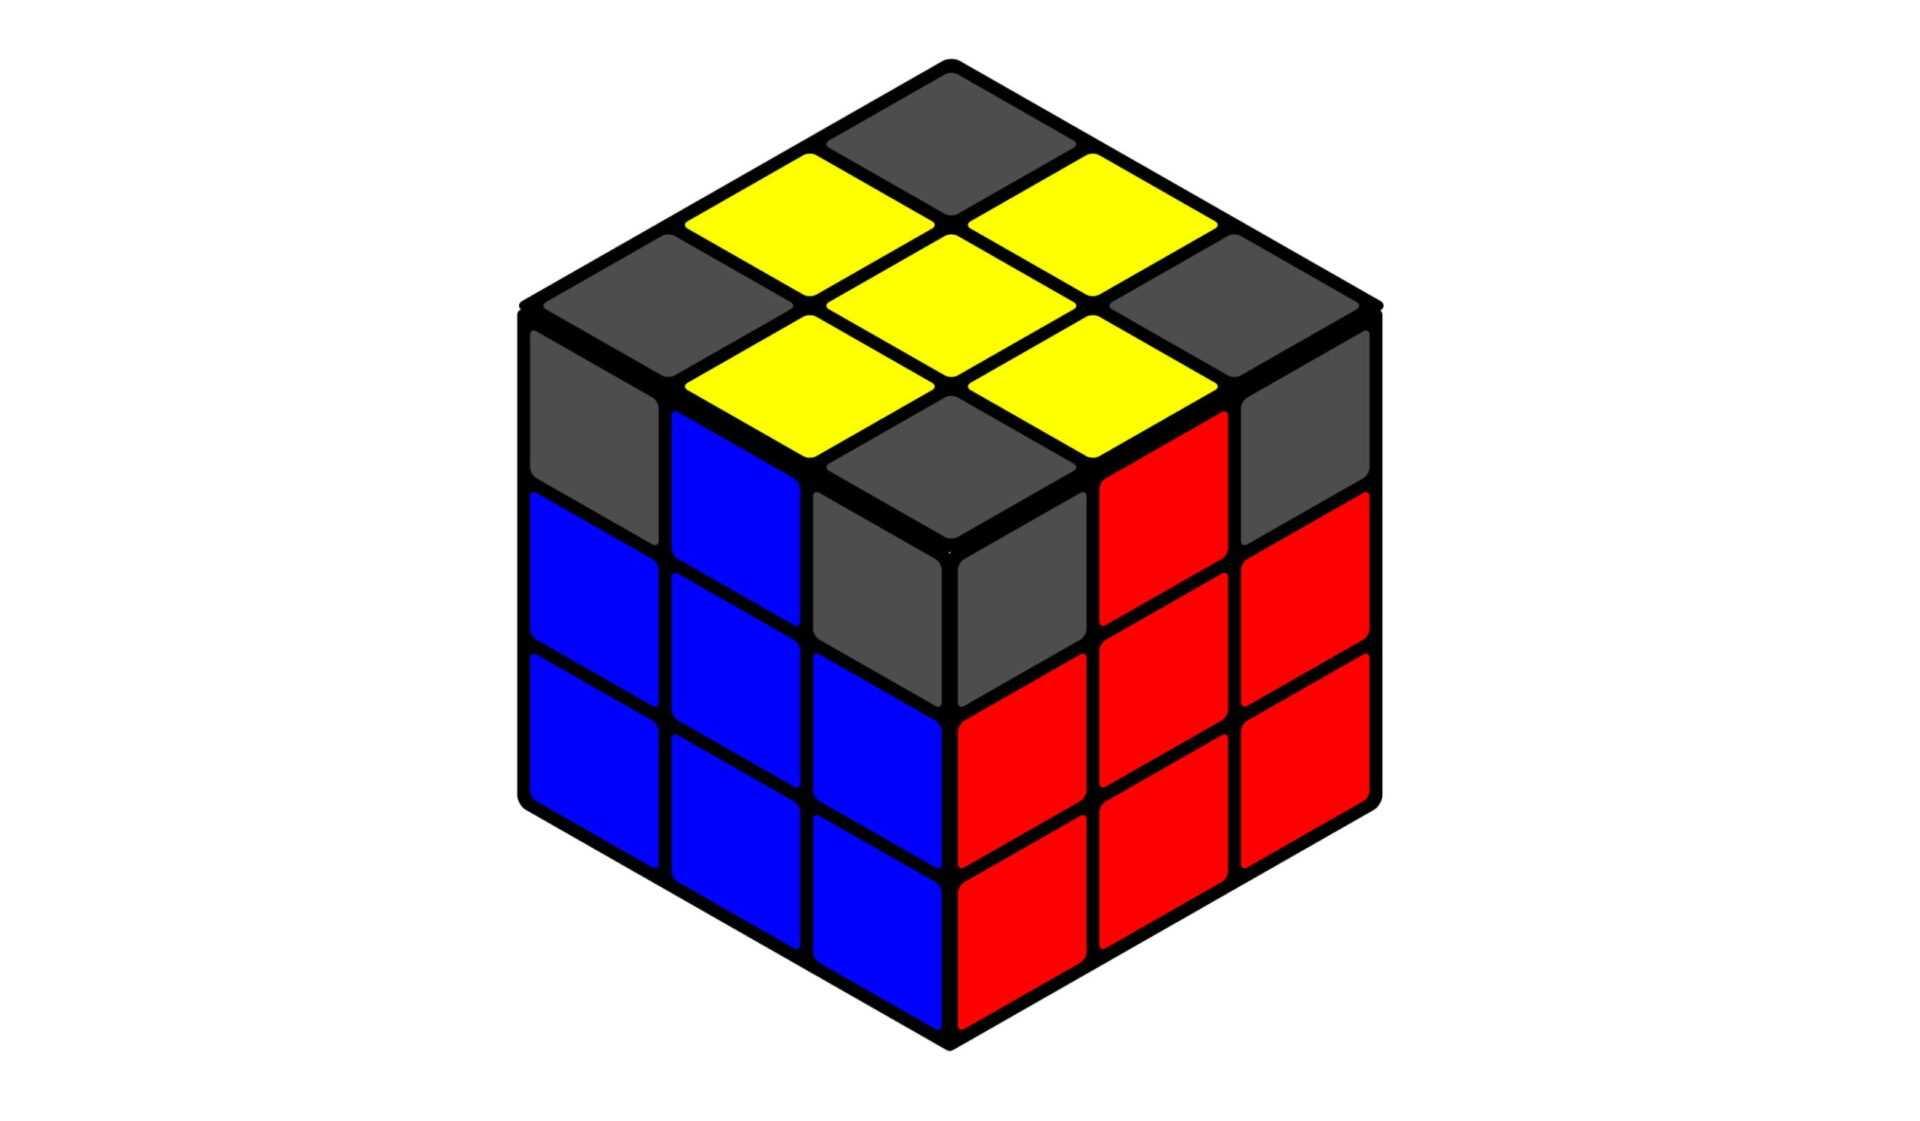 Правильный желтый крест - Кубик Рубика